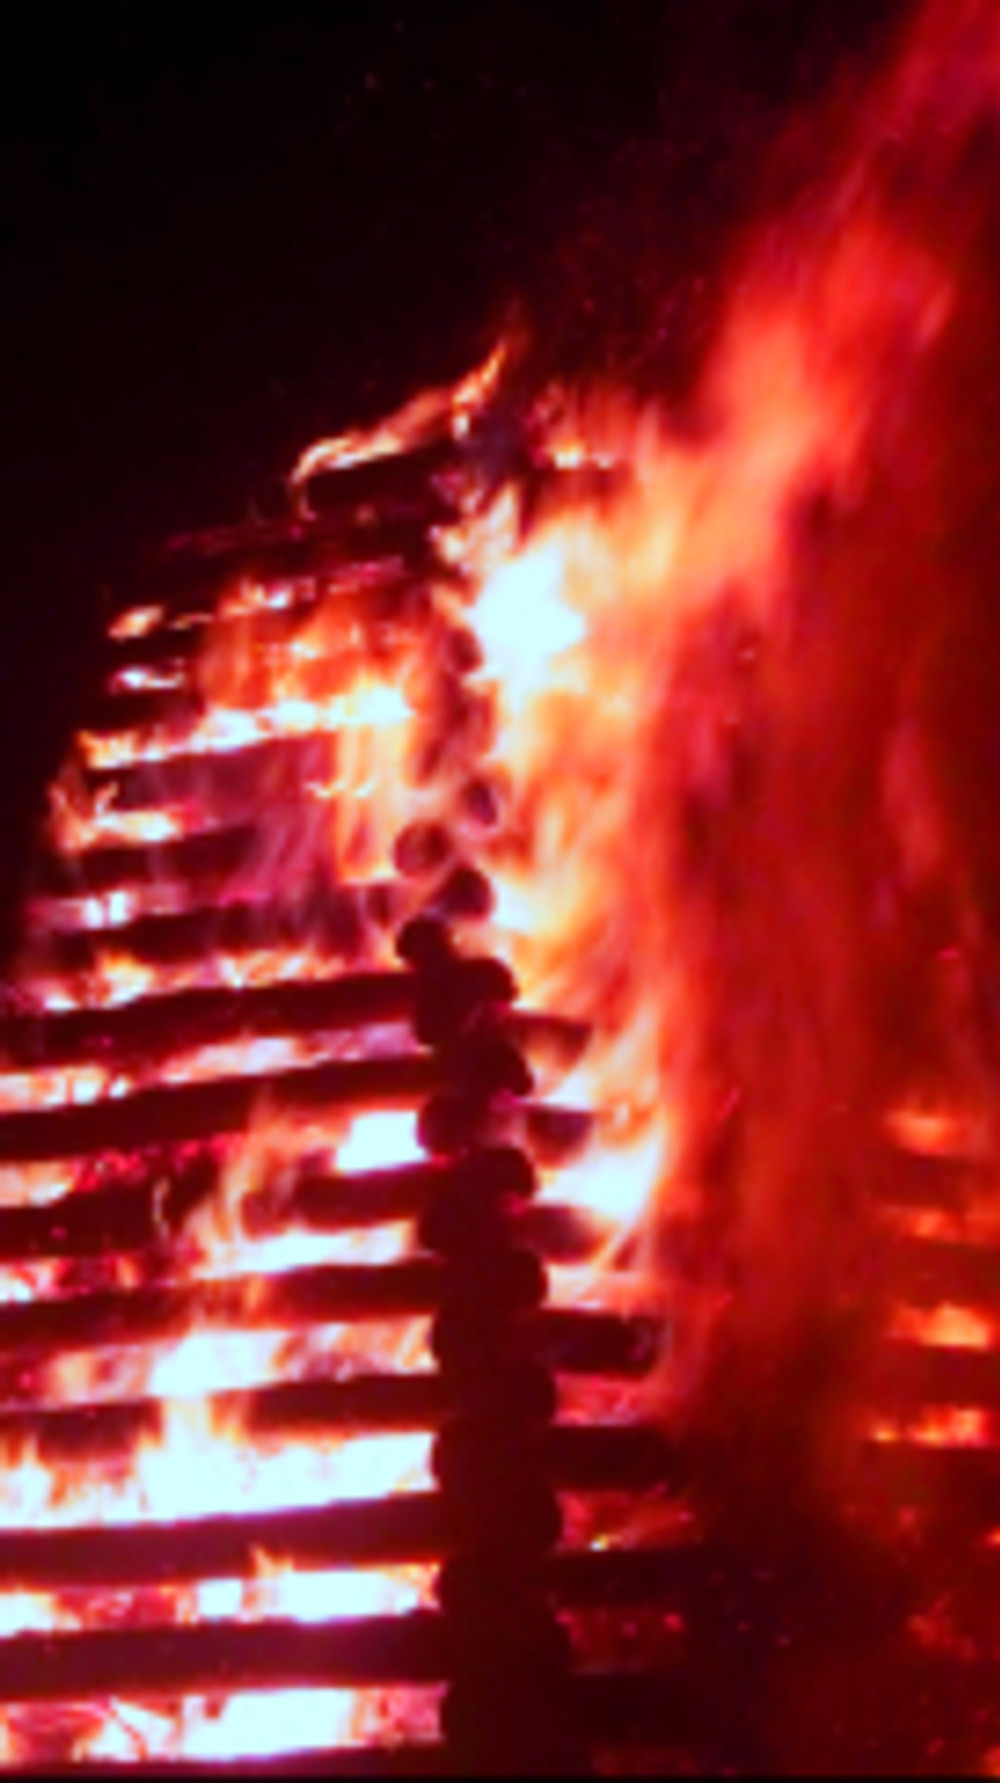 Starkov's Čarodejnice bonfire in full blaze